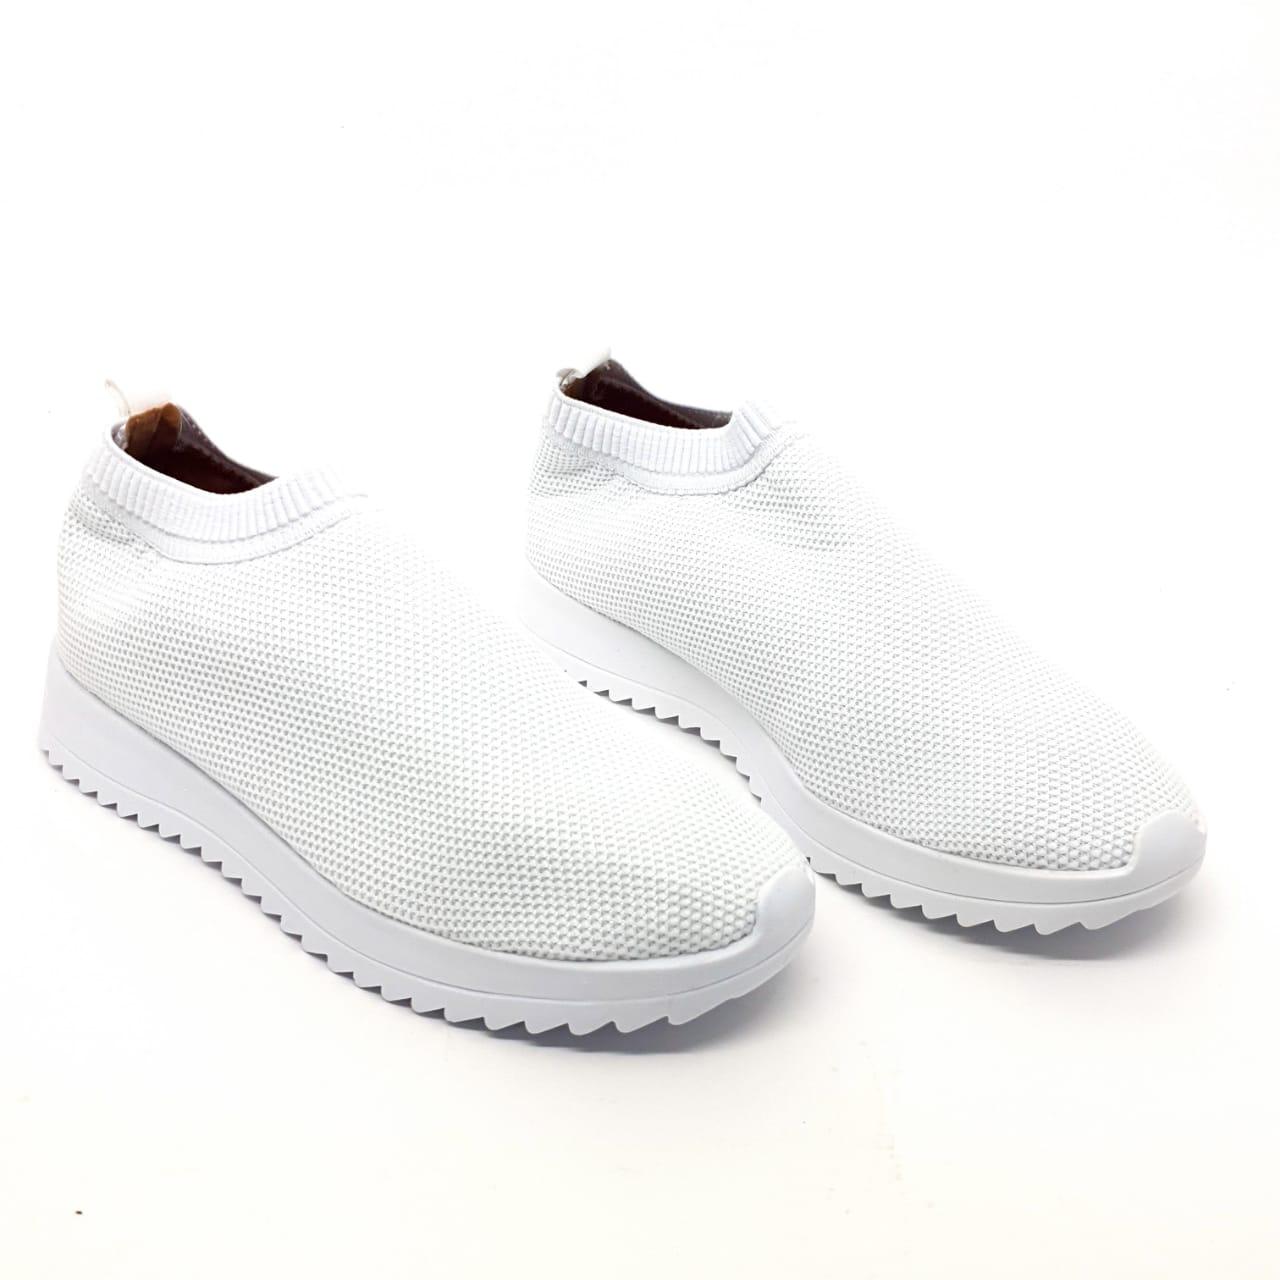 Tenis meia branco